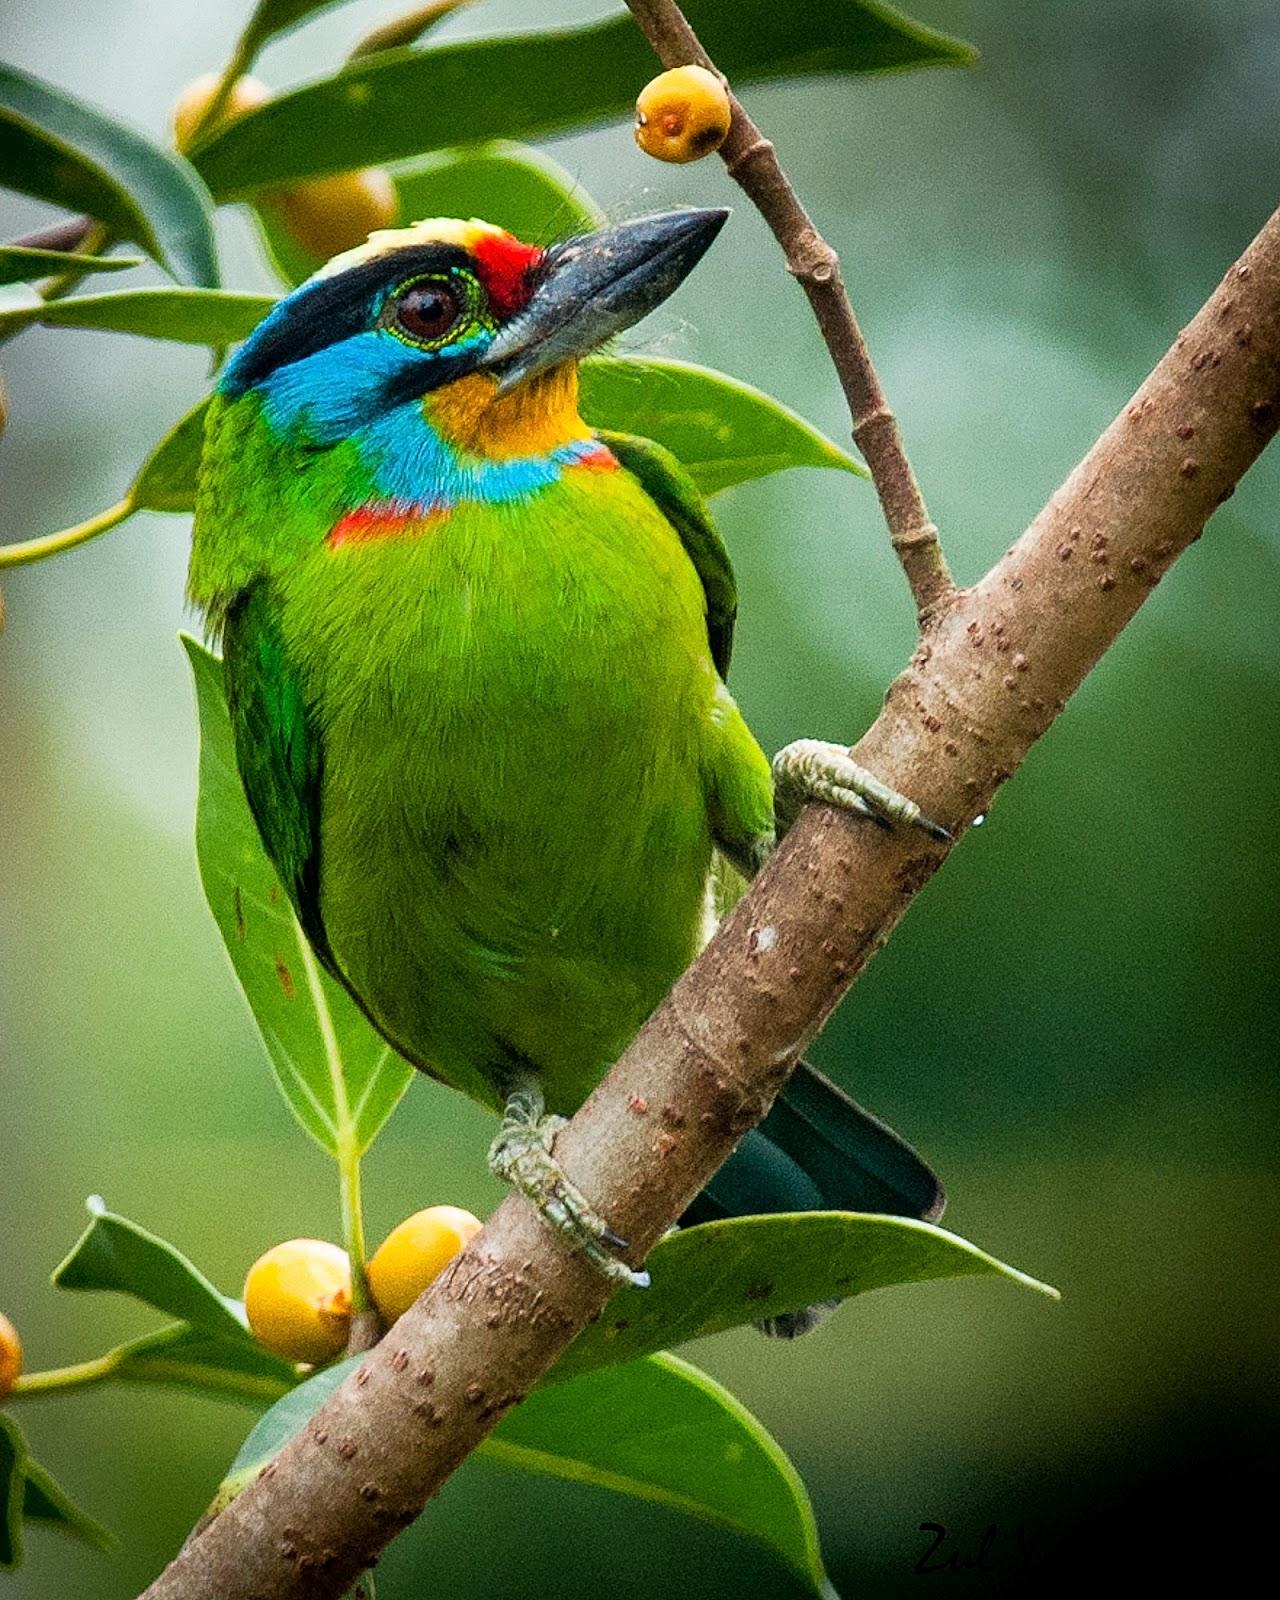 Zul Ya - Birds of Peninsular Malaysia: Colourful Barbets